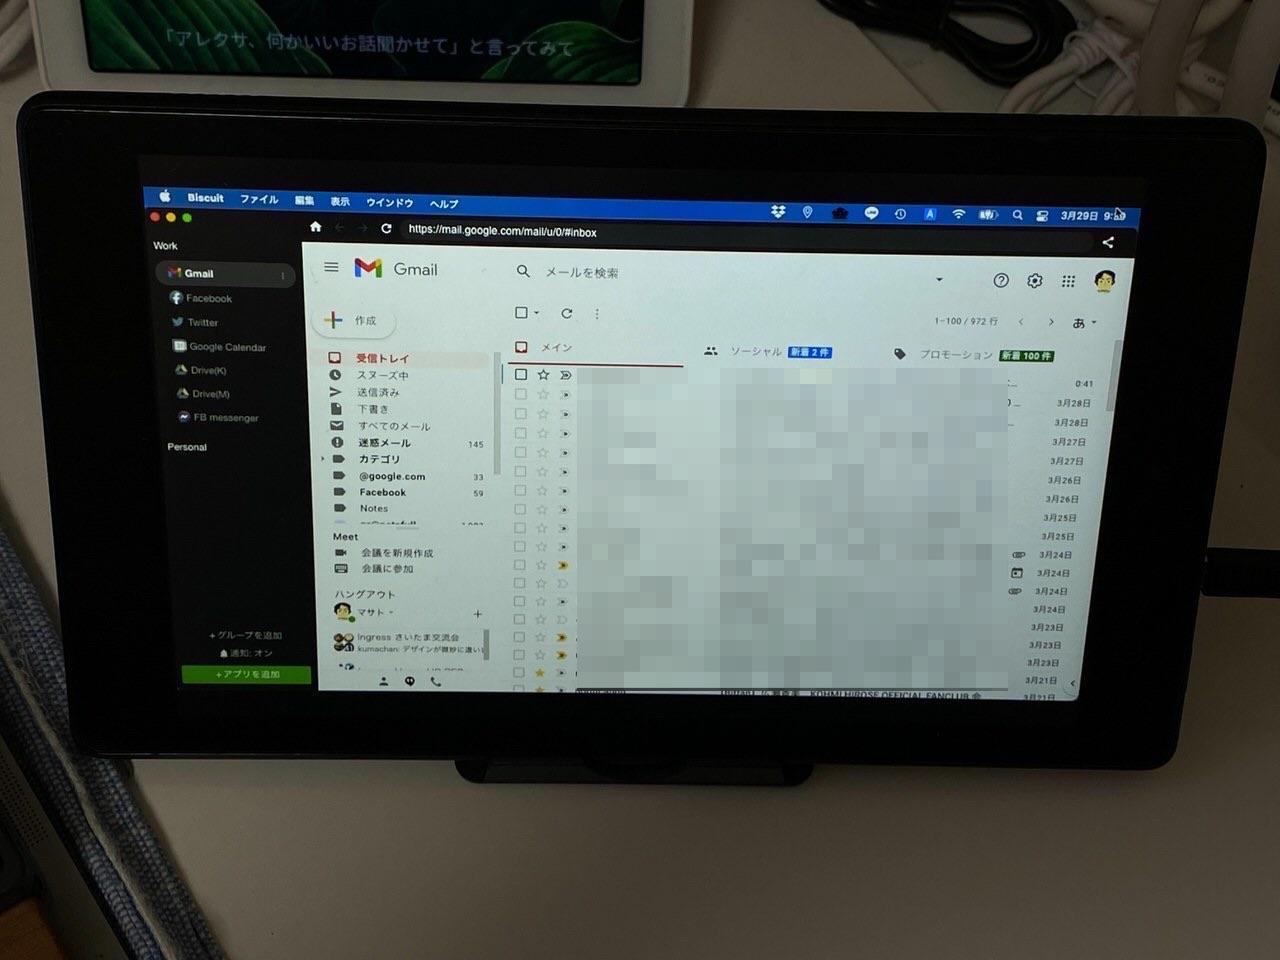 Mac air receiver 003 202103